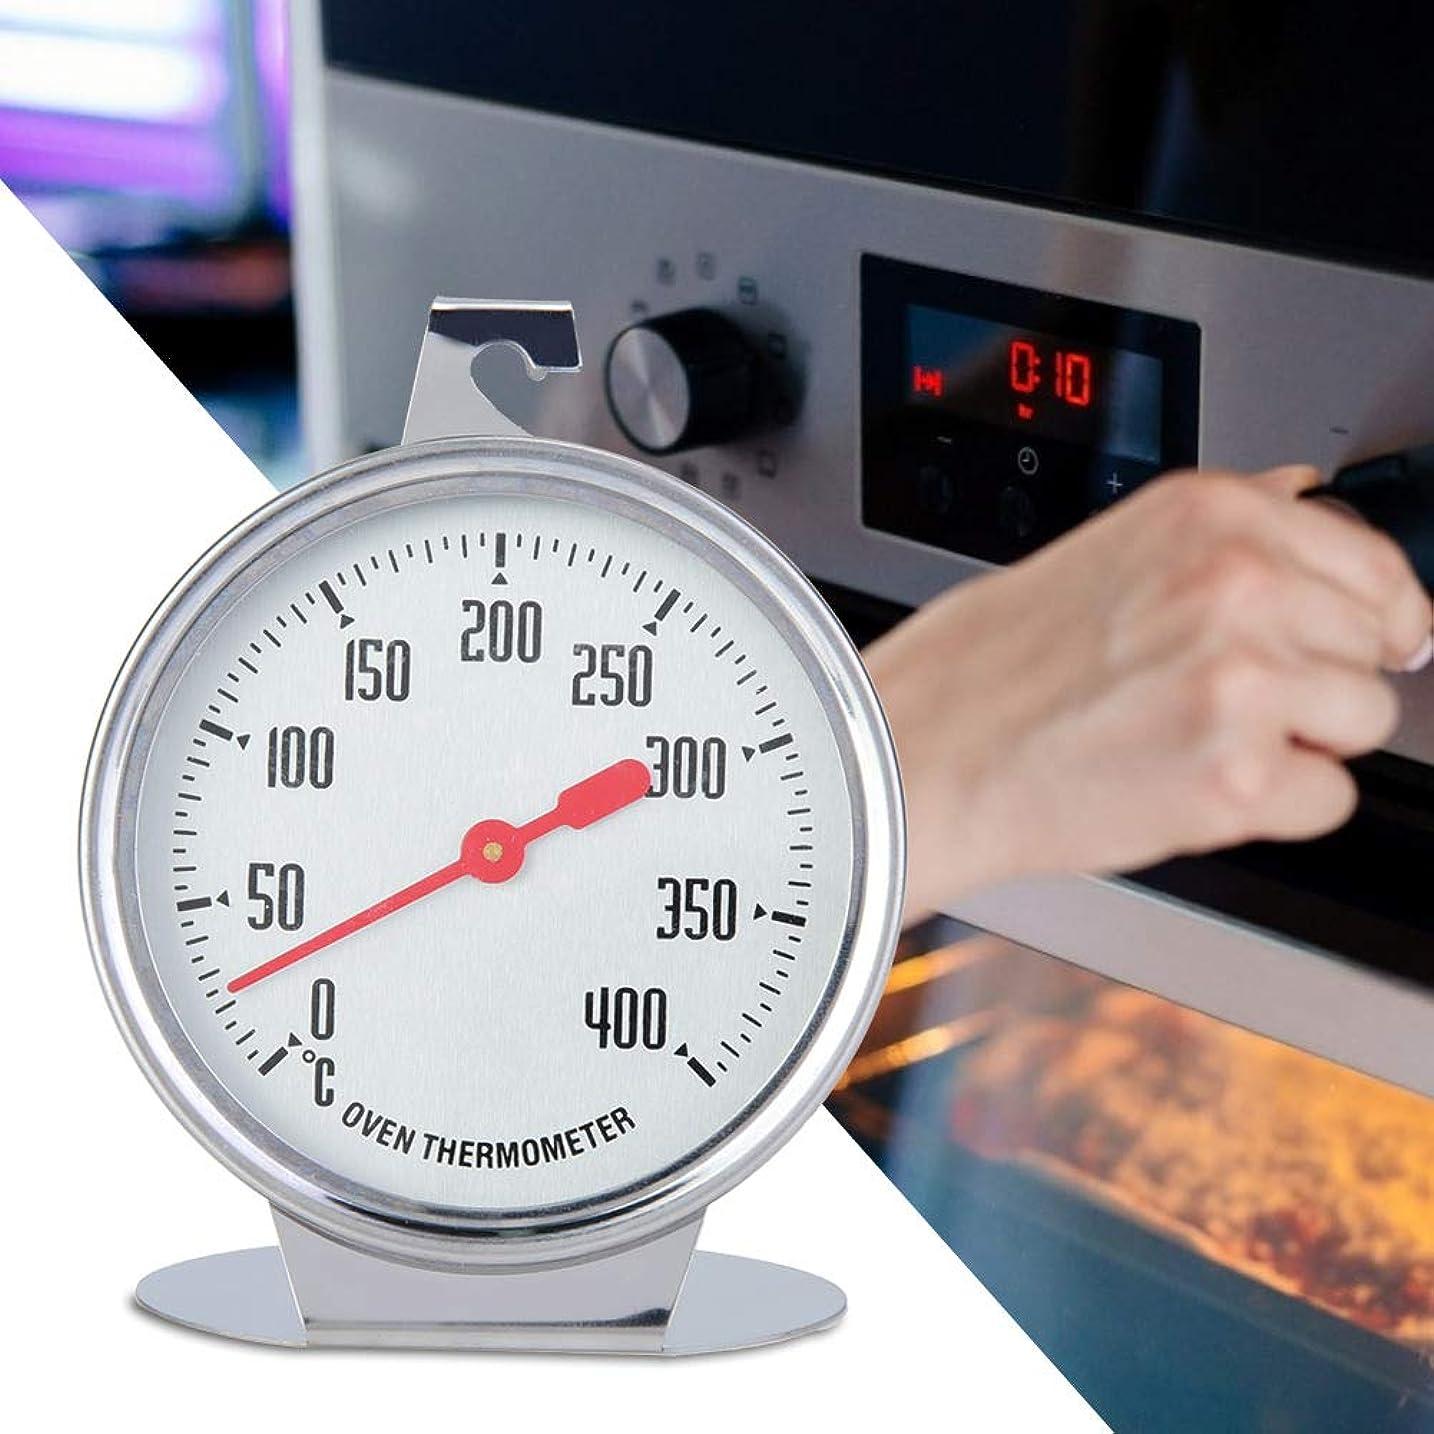 する深さ規制する温度計スタンドアップダイヤルオーブン温度計キッチン温度計Digitaデジタルキッチン温度計、キッチンテストオーブン温度